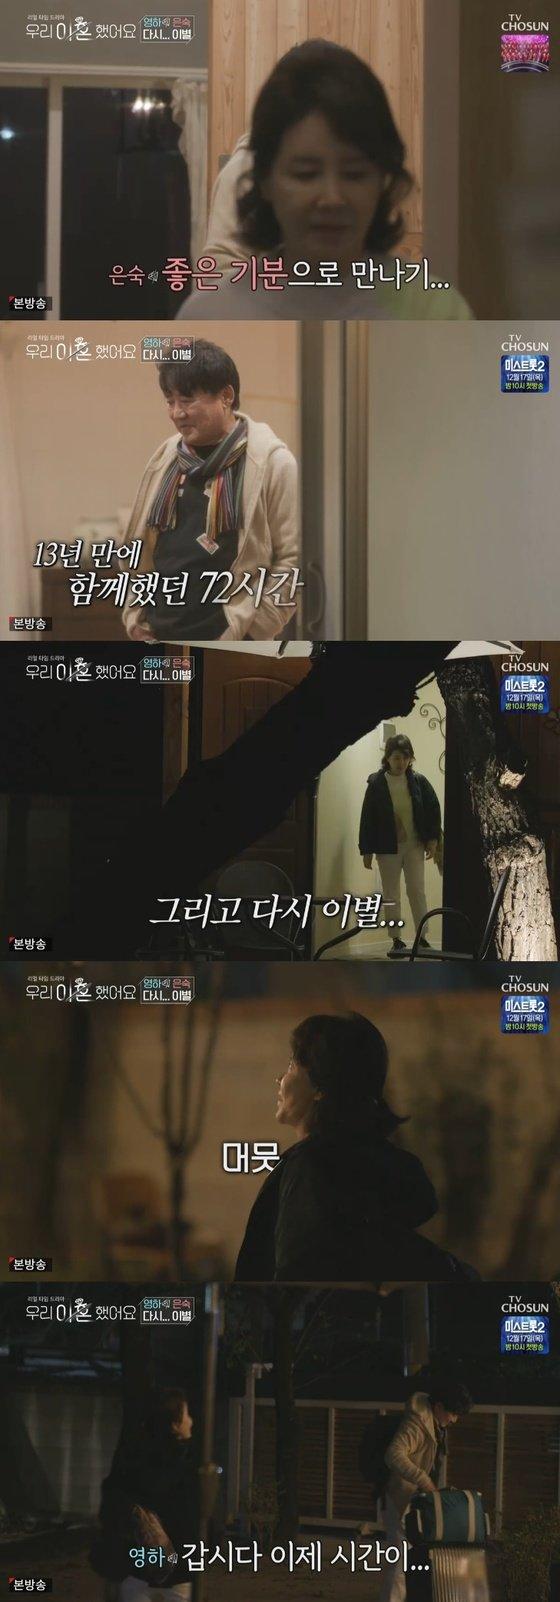 '우이혼' 선우은숙이 이영하에게 속내를 꺼내놓았다. 사진=TV조선 방송화면 캡처